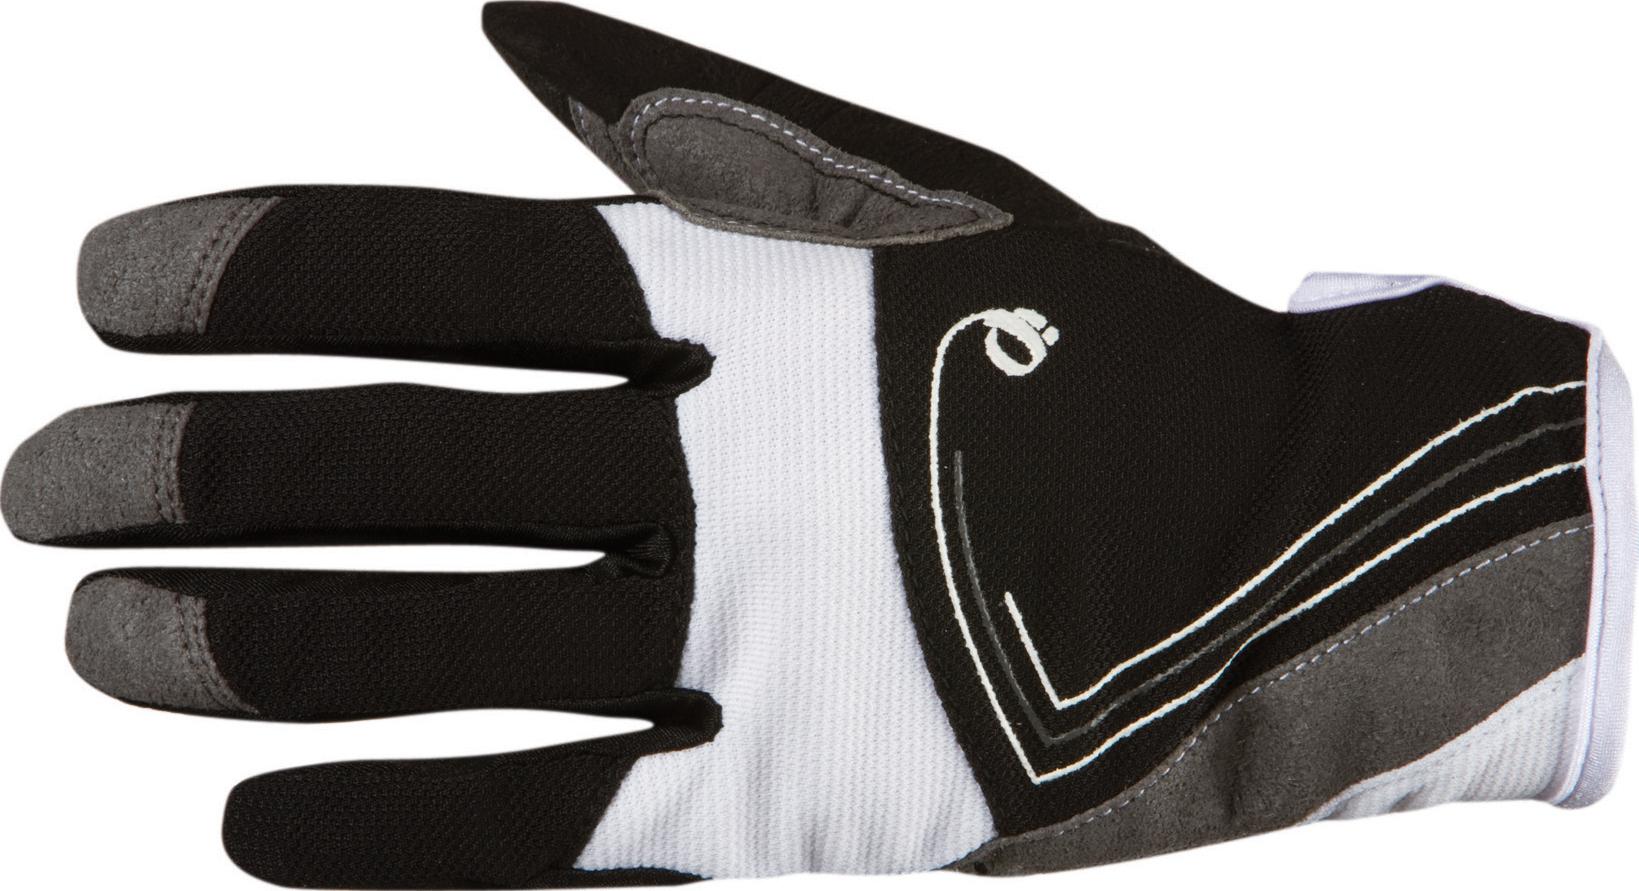 PEARL iZUMi W DIVIDE rukavice, M